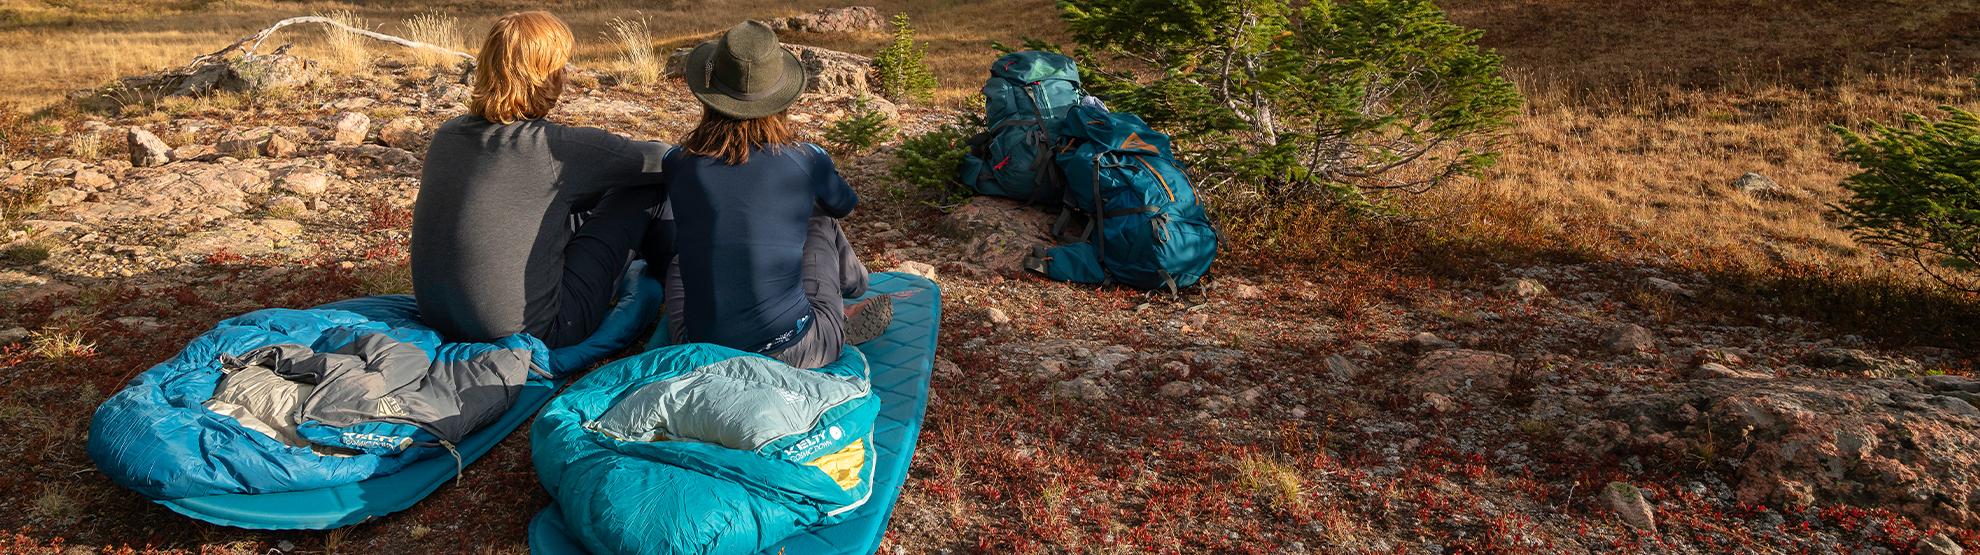 kelty-sleeping-bag-landing-page-image.jpg